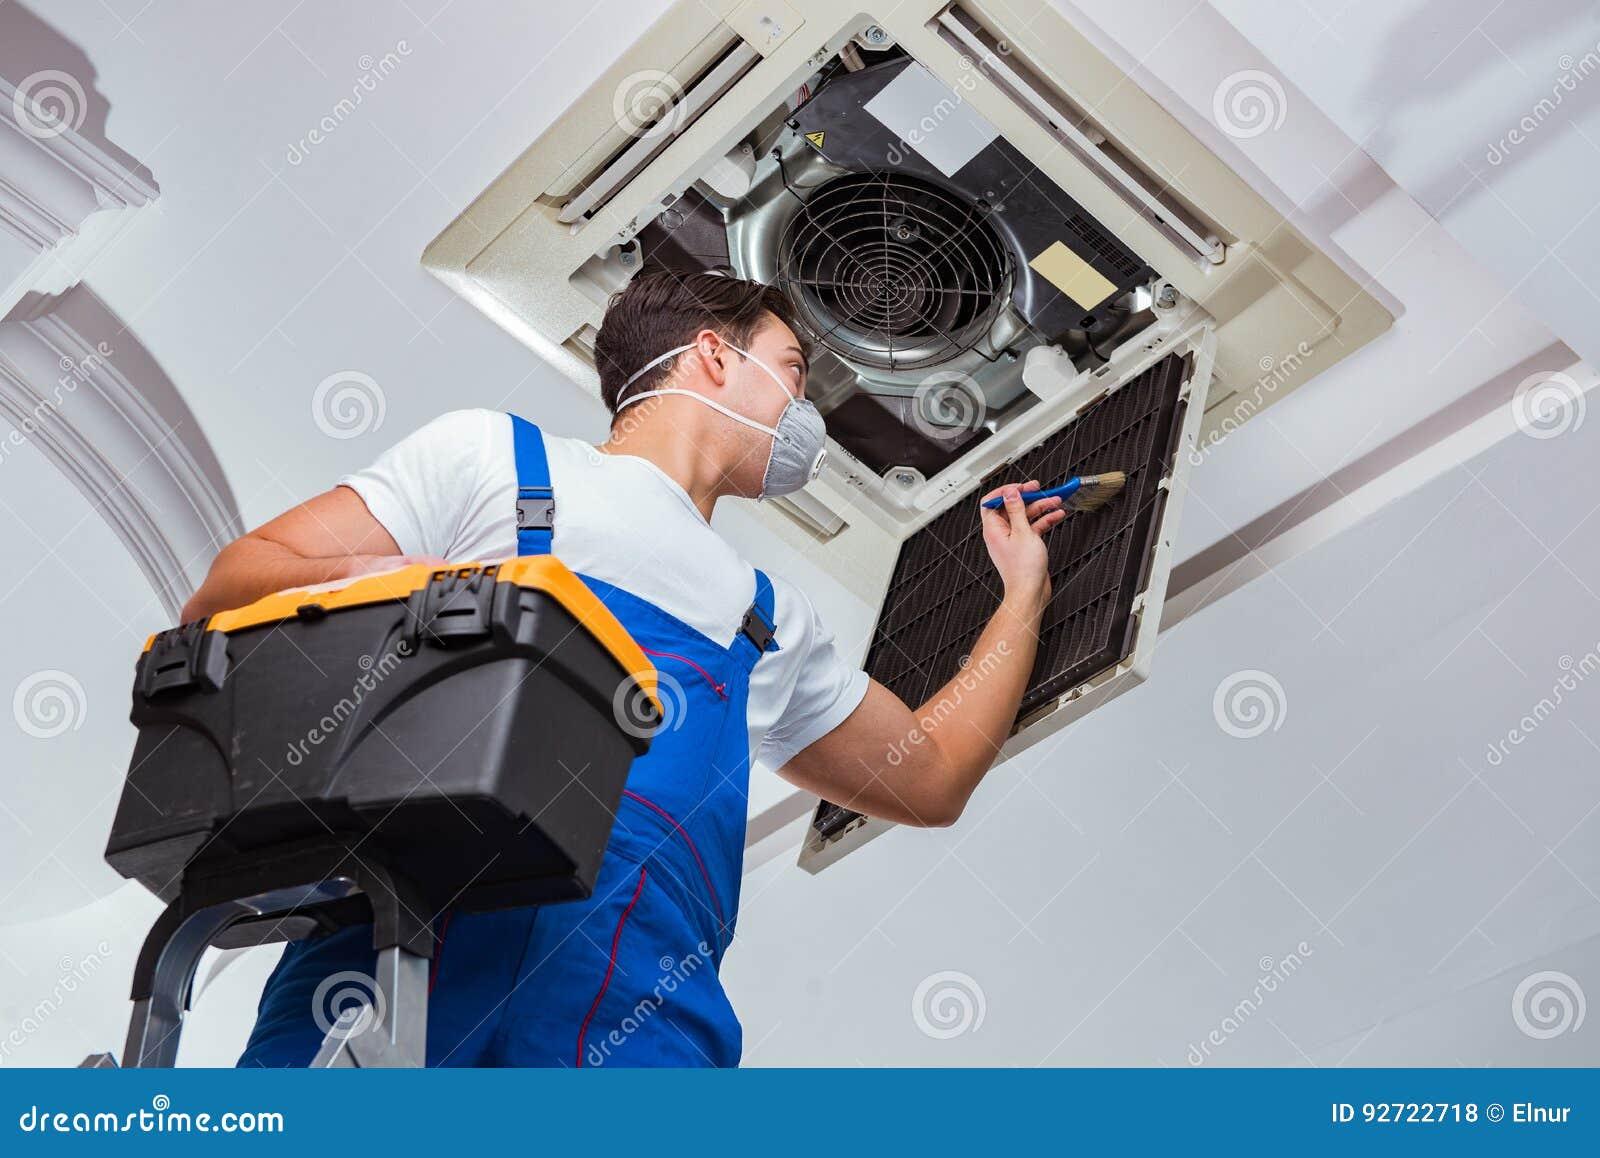 De arbeider die de eenheid van de plafondairconditioning herstellen